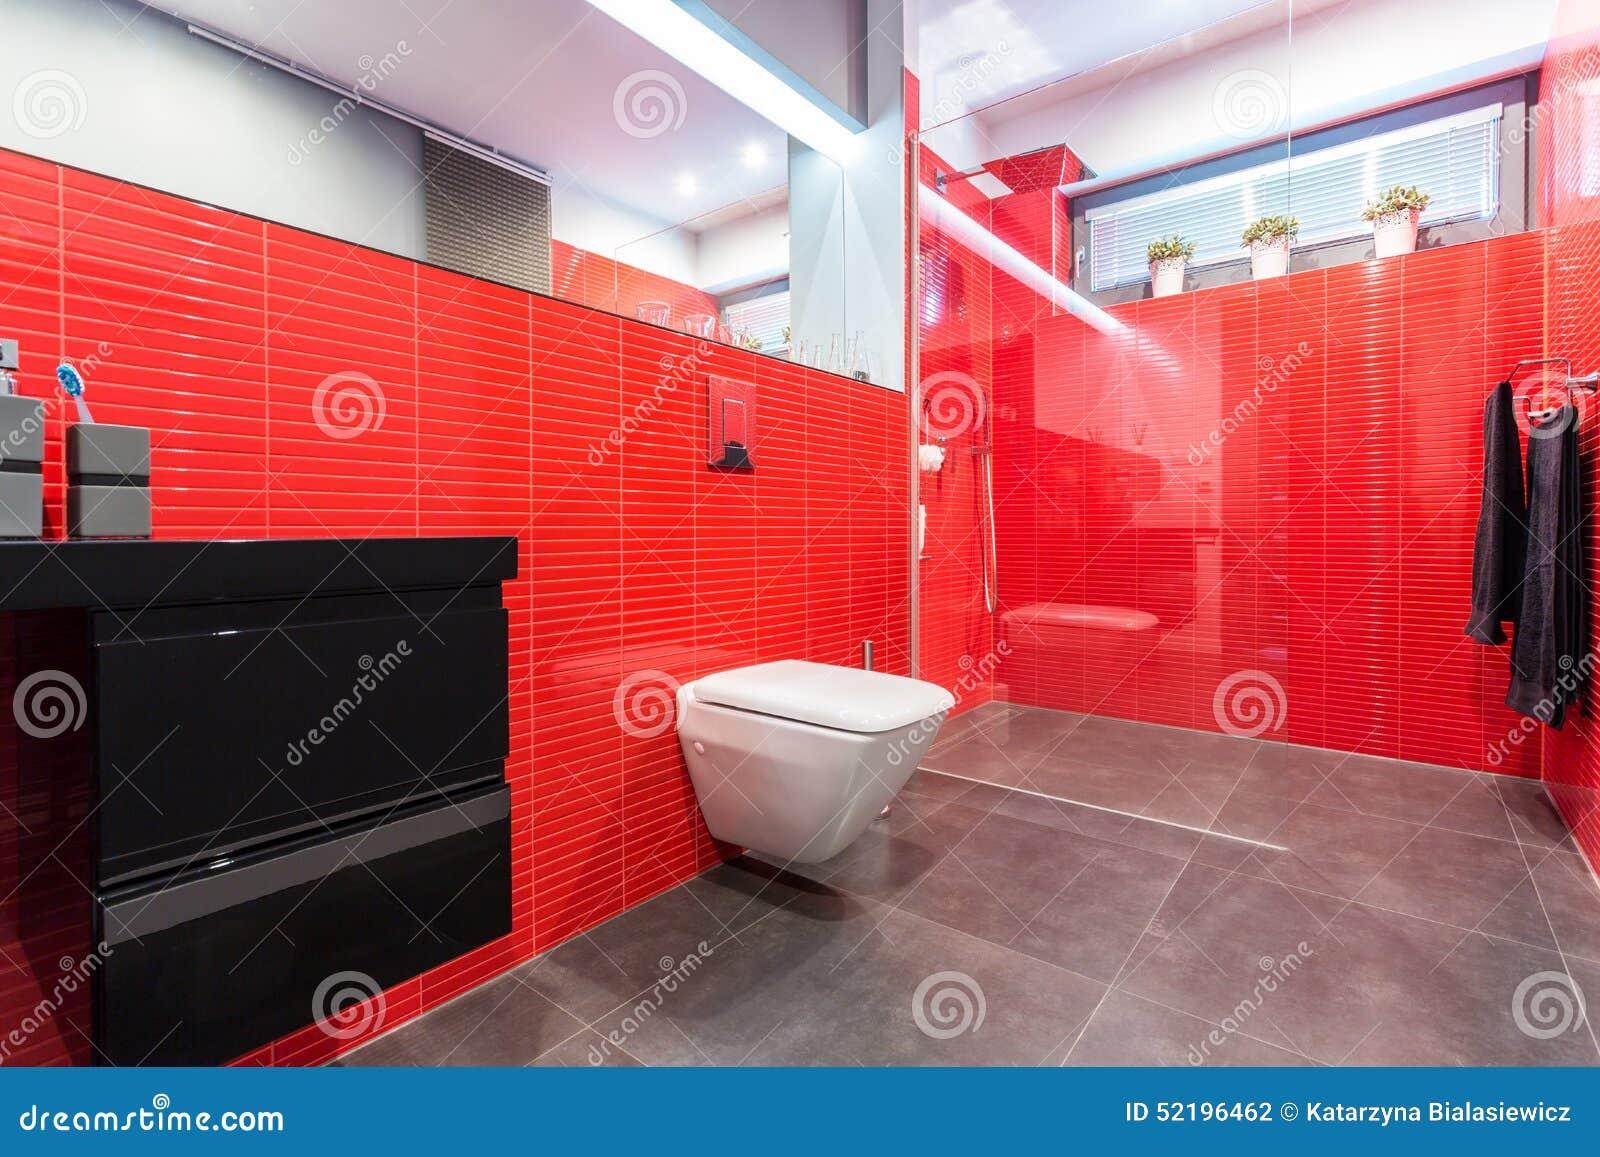 Litet badrum arkivfoto   bild: 52203975